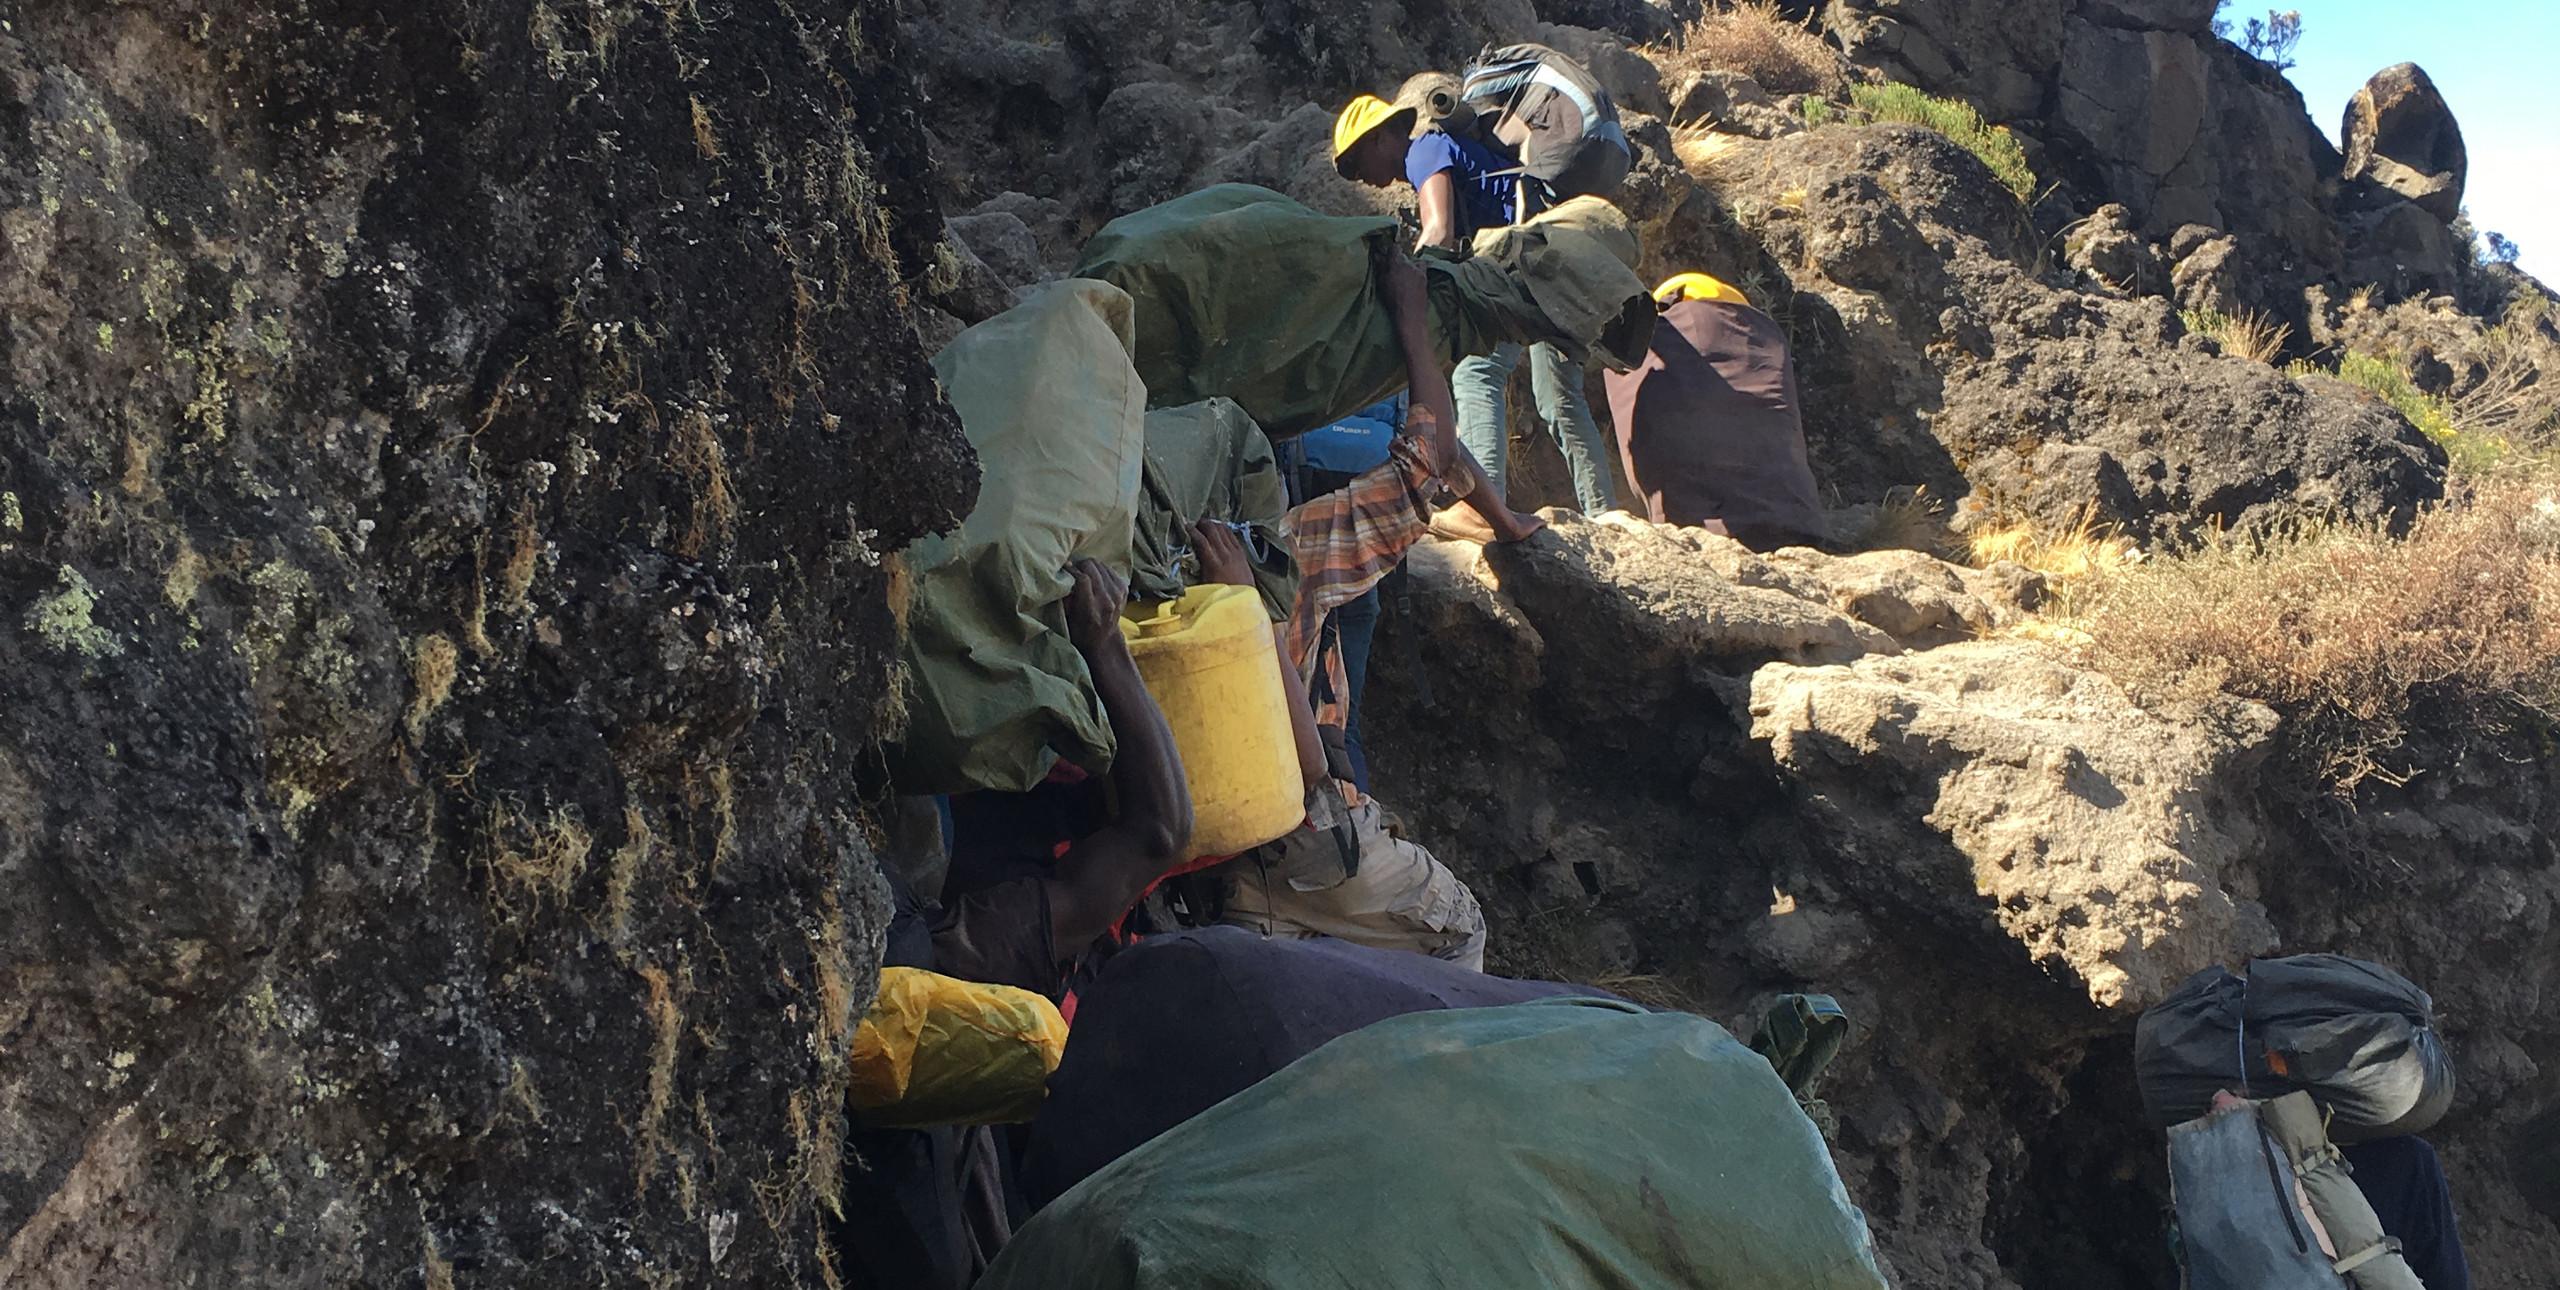 Восхождение на Килиманджаро — 4 день